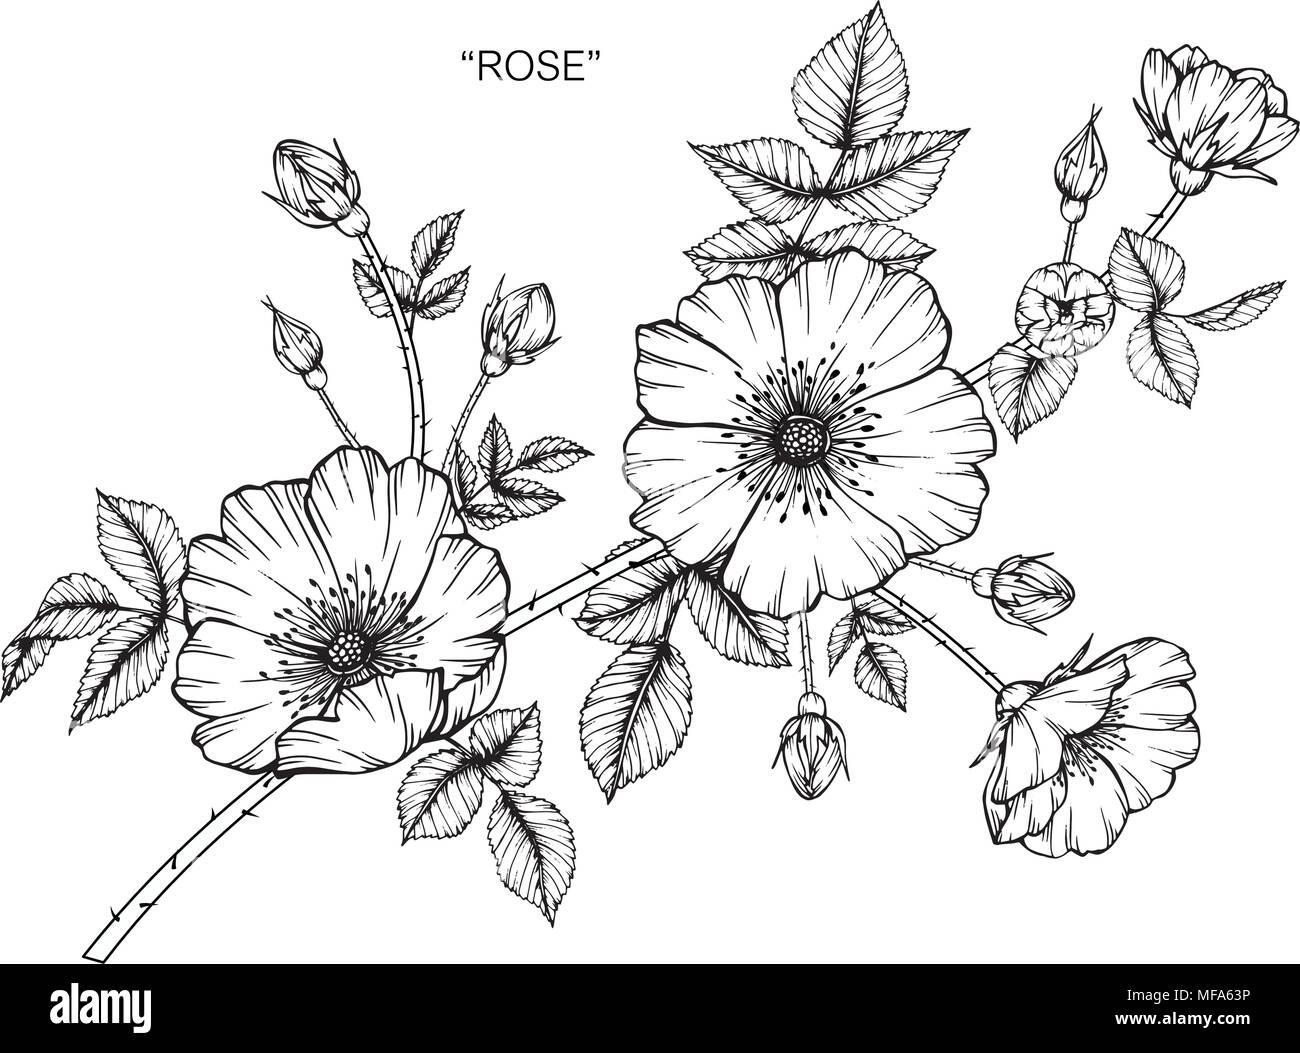 Ilustración Dibujo De Flores Rosas. Blanco Y Negro Con